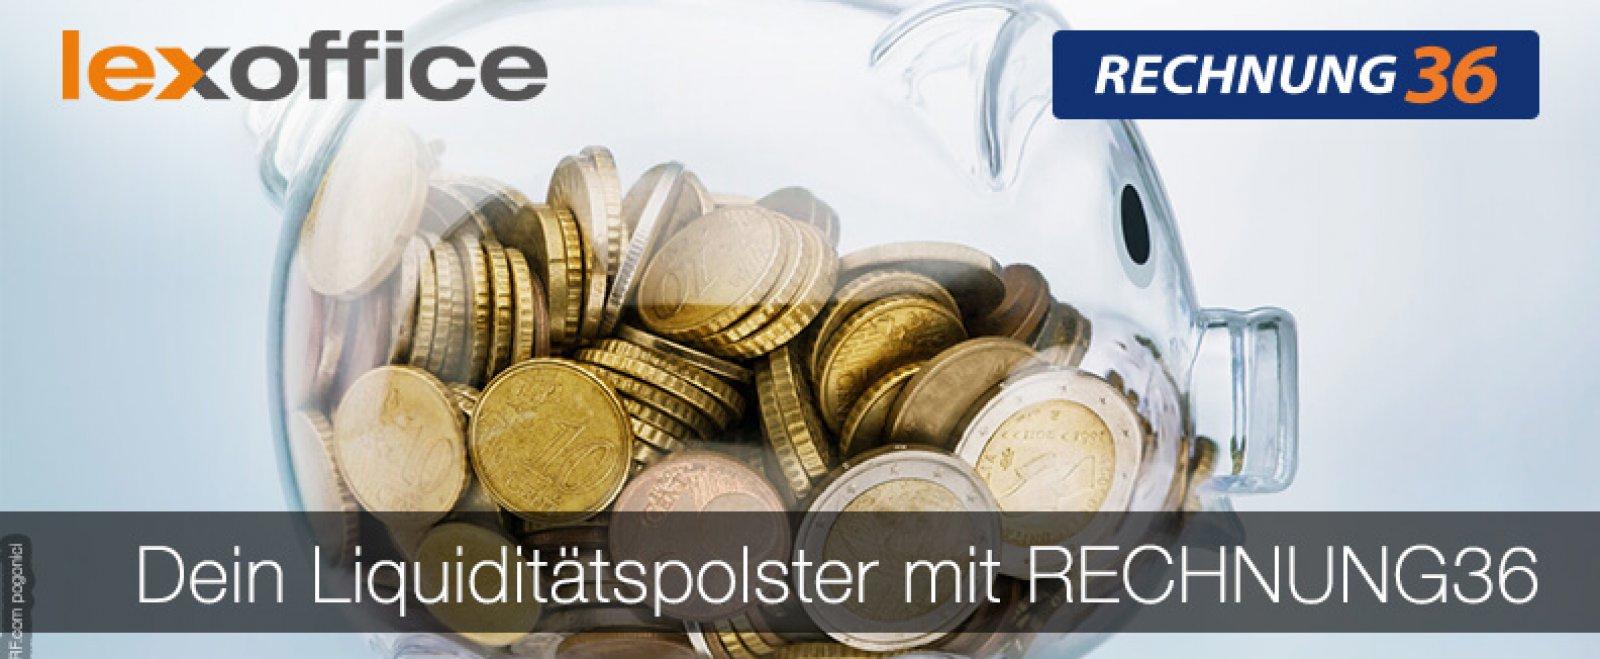 RECHNUNG36 bietet Freiberuflern und Selbstständigen ein Liquiditätspolster